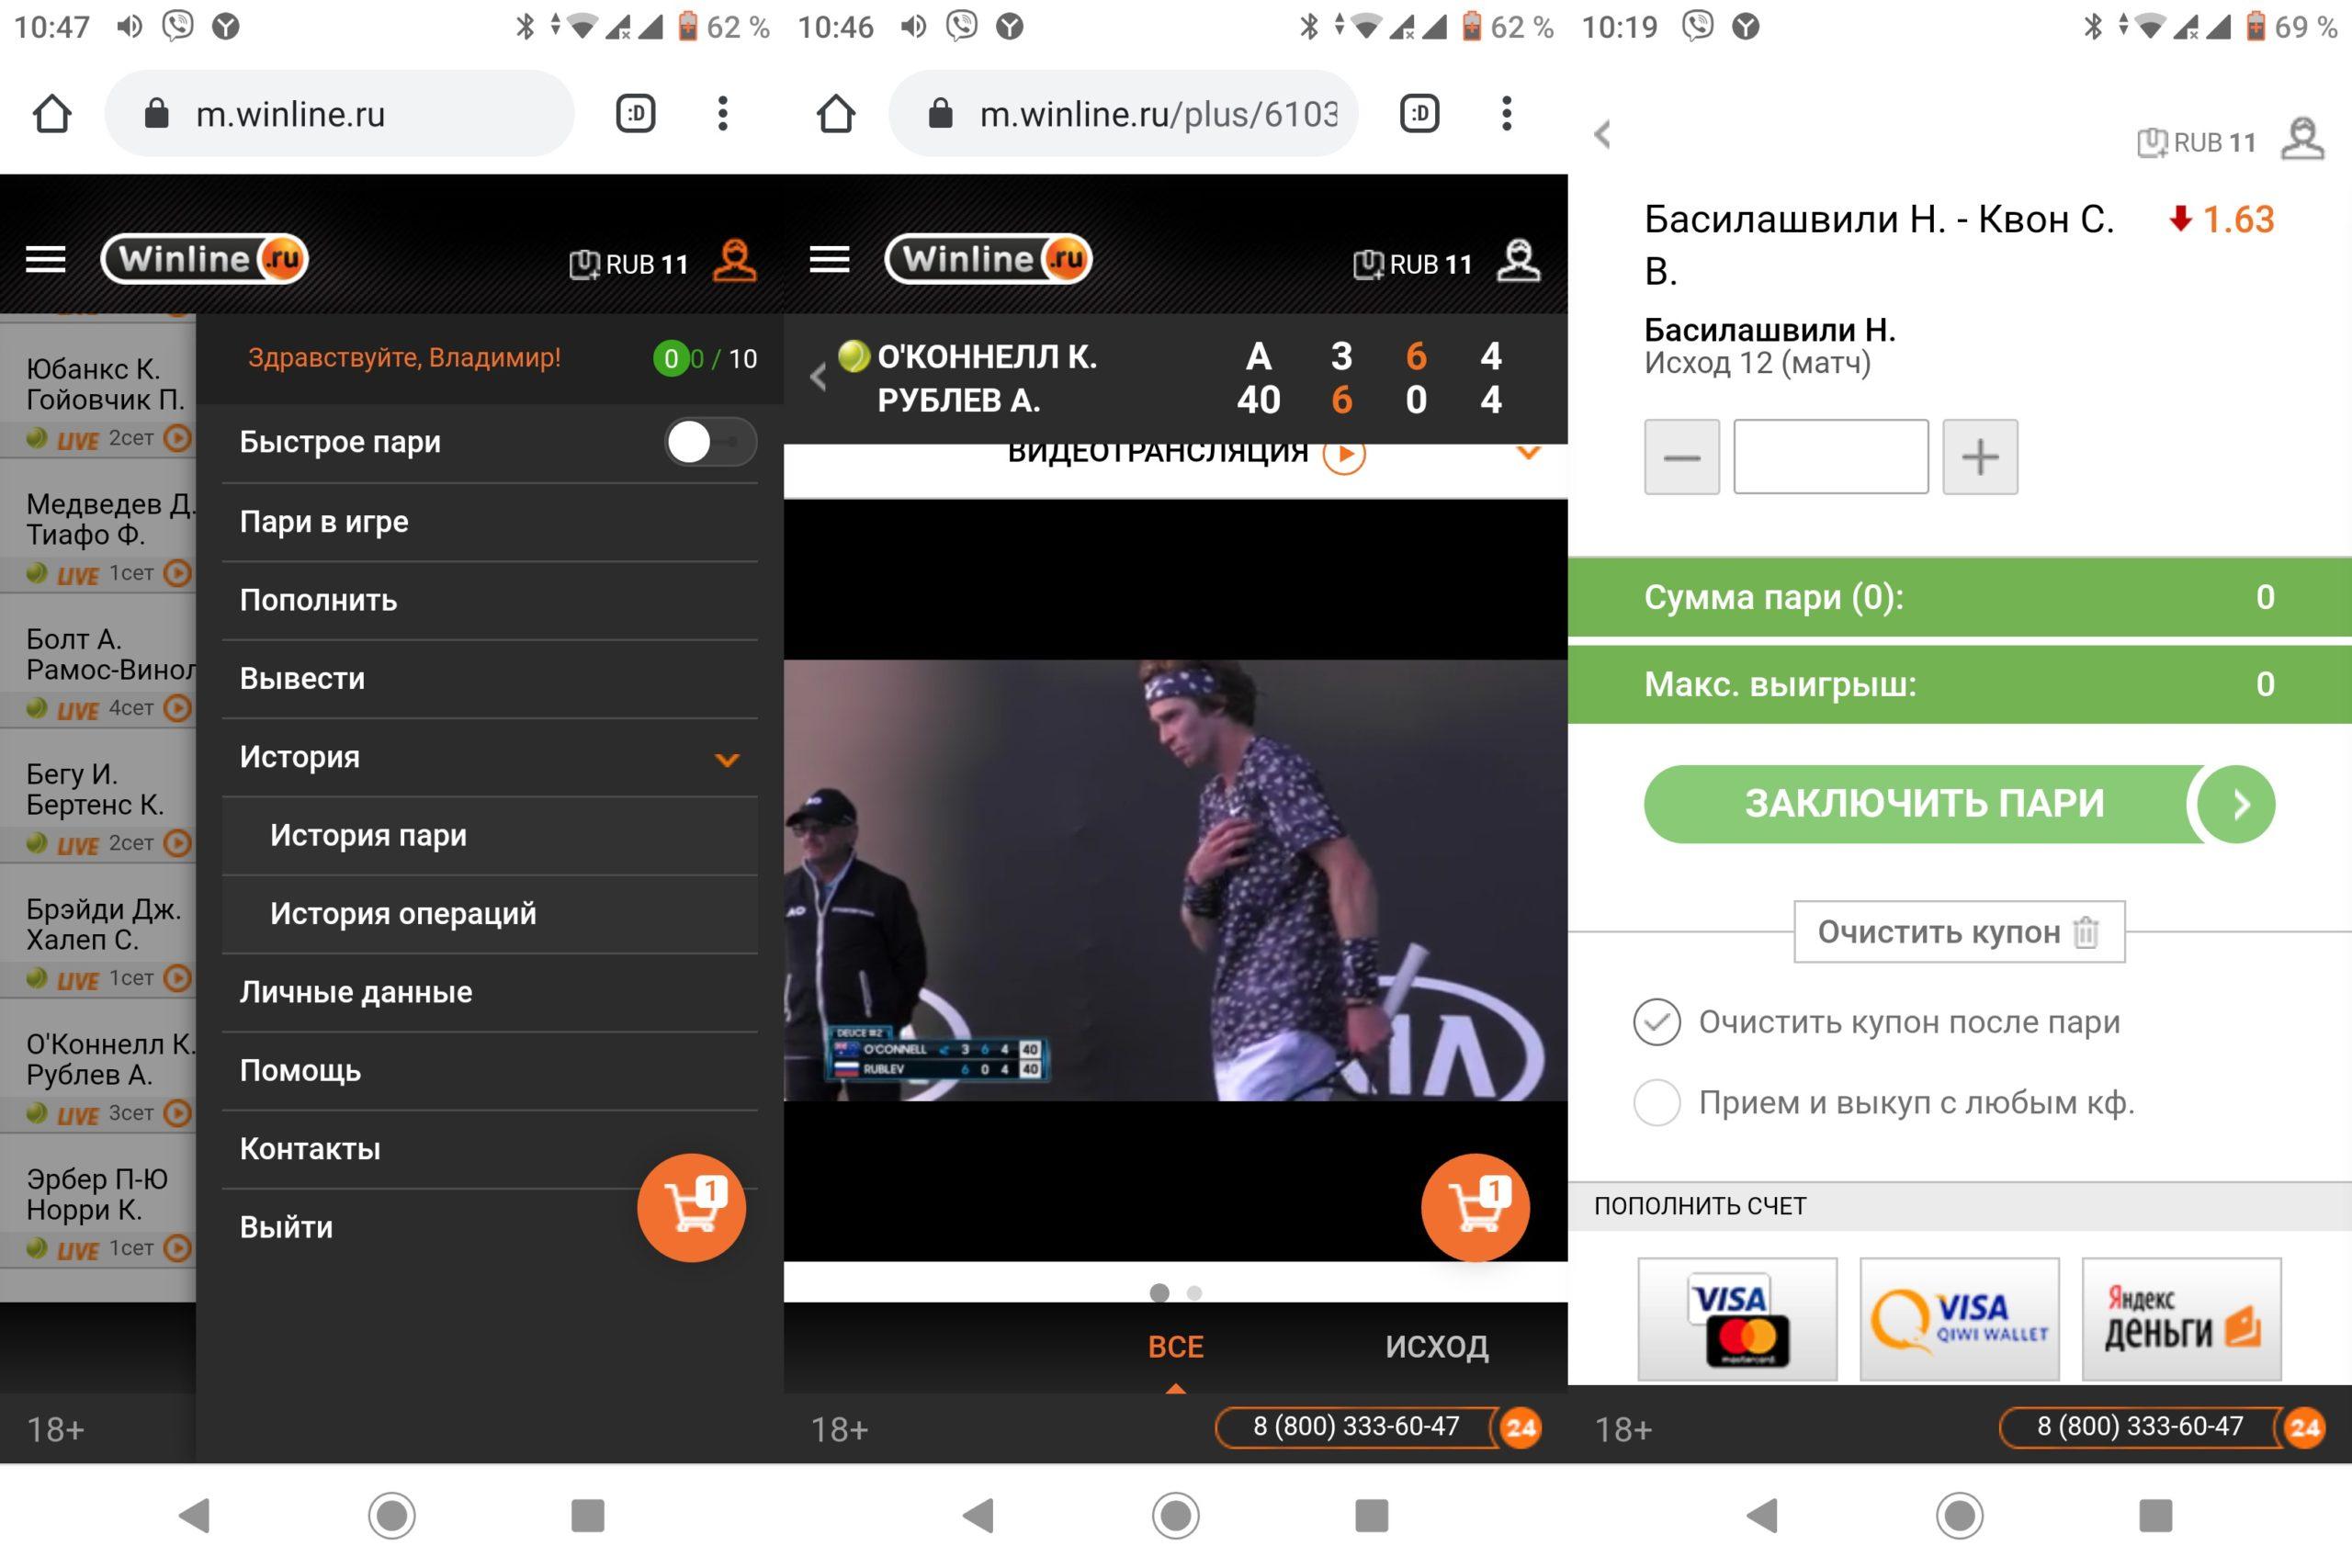 Winline скачать apk мобильное приложение букмекерской конторы